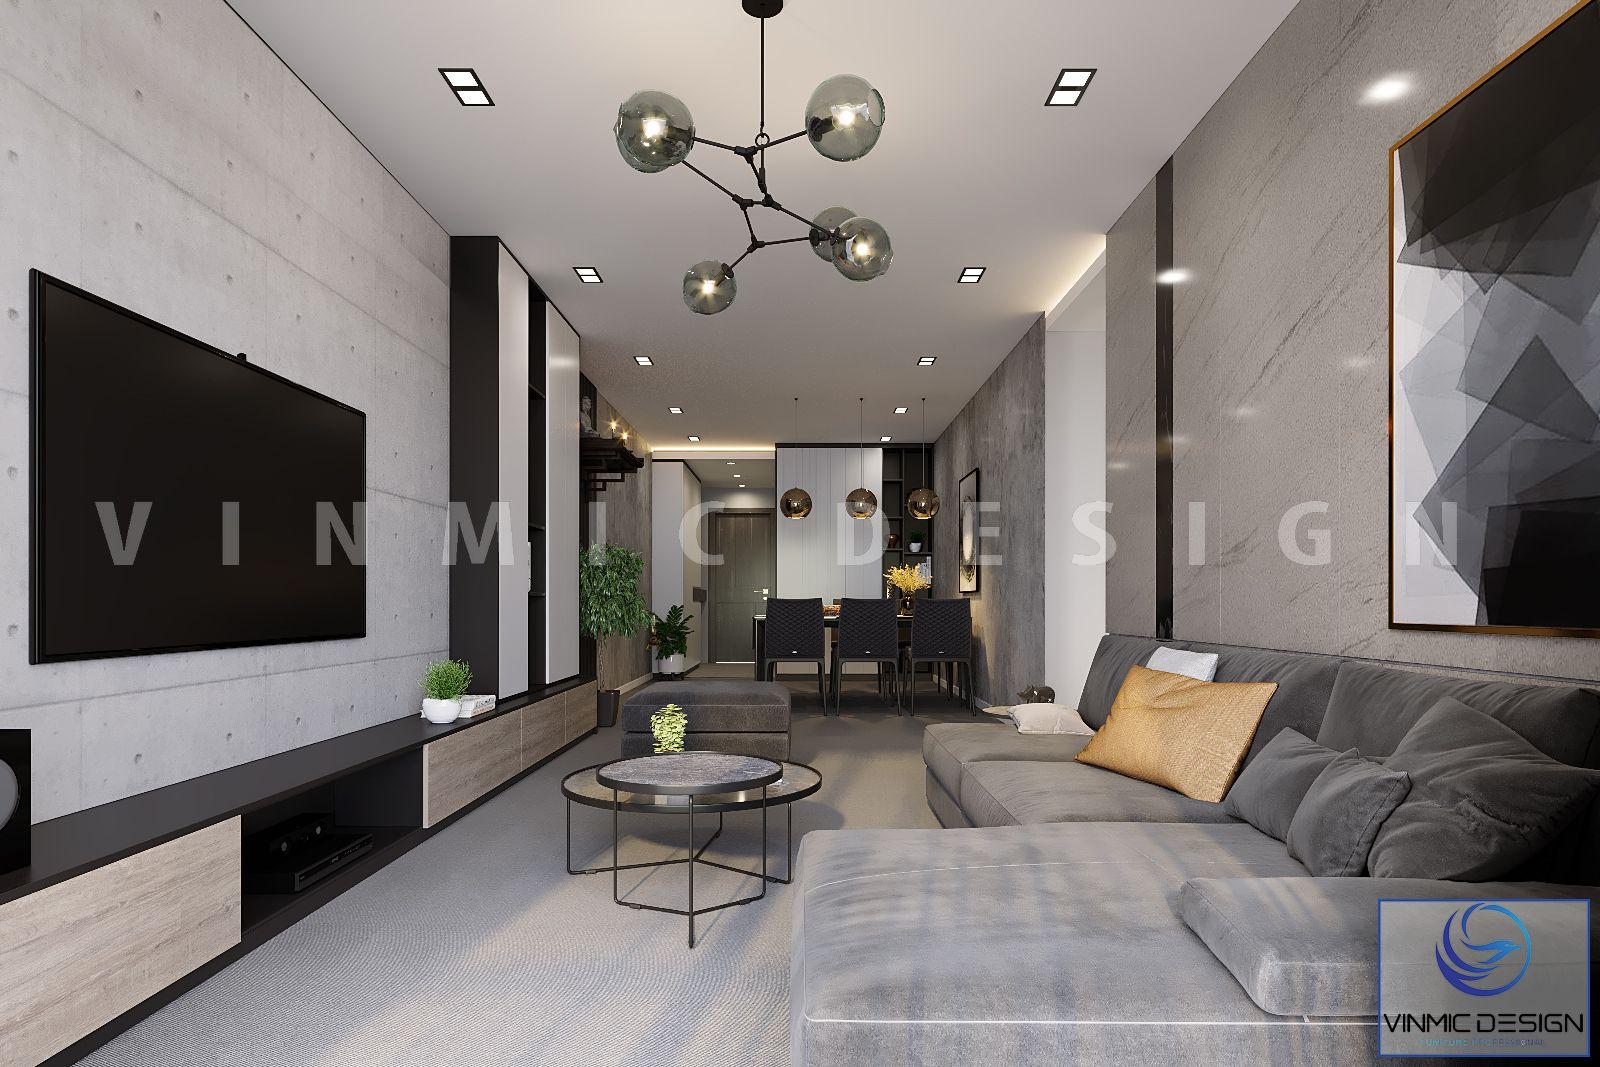 Thiết kế phòng khách-bếp chung cư, tận dụng diện tích